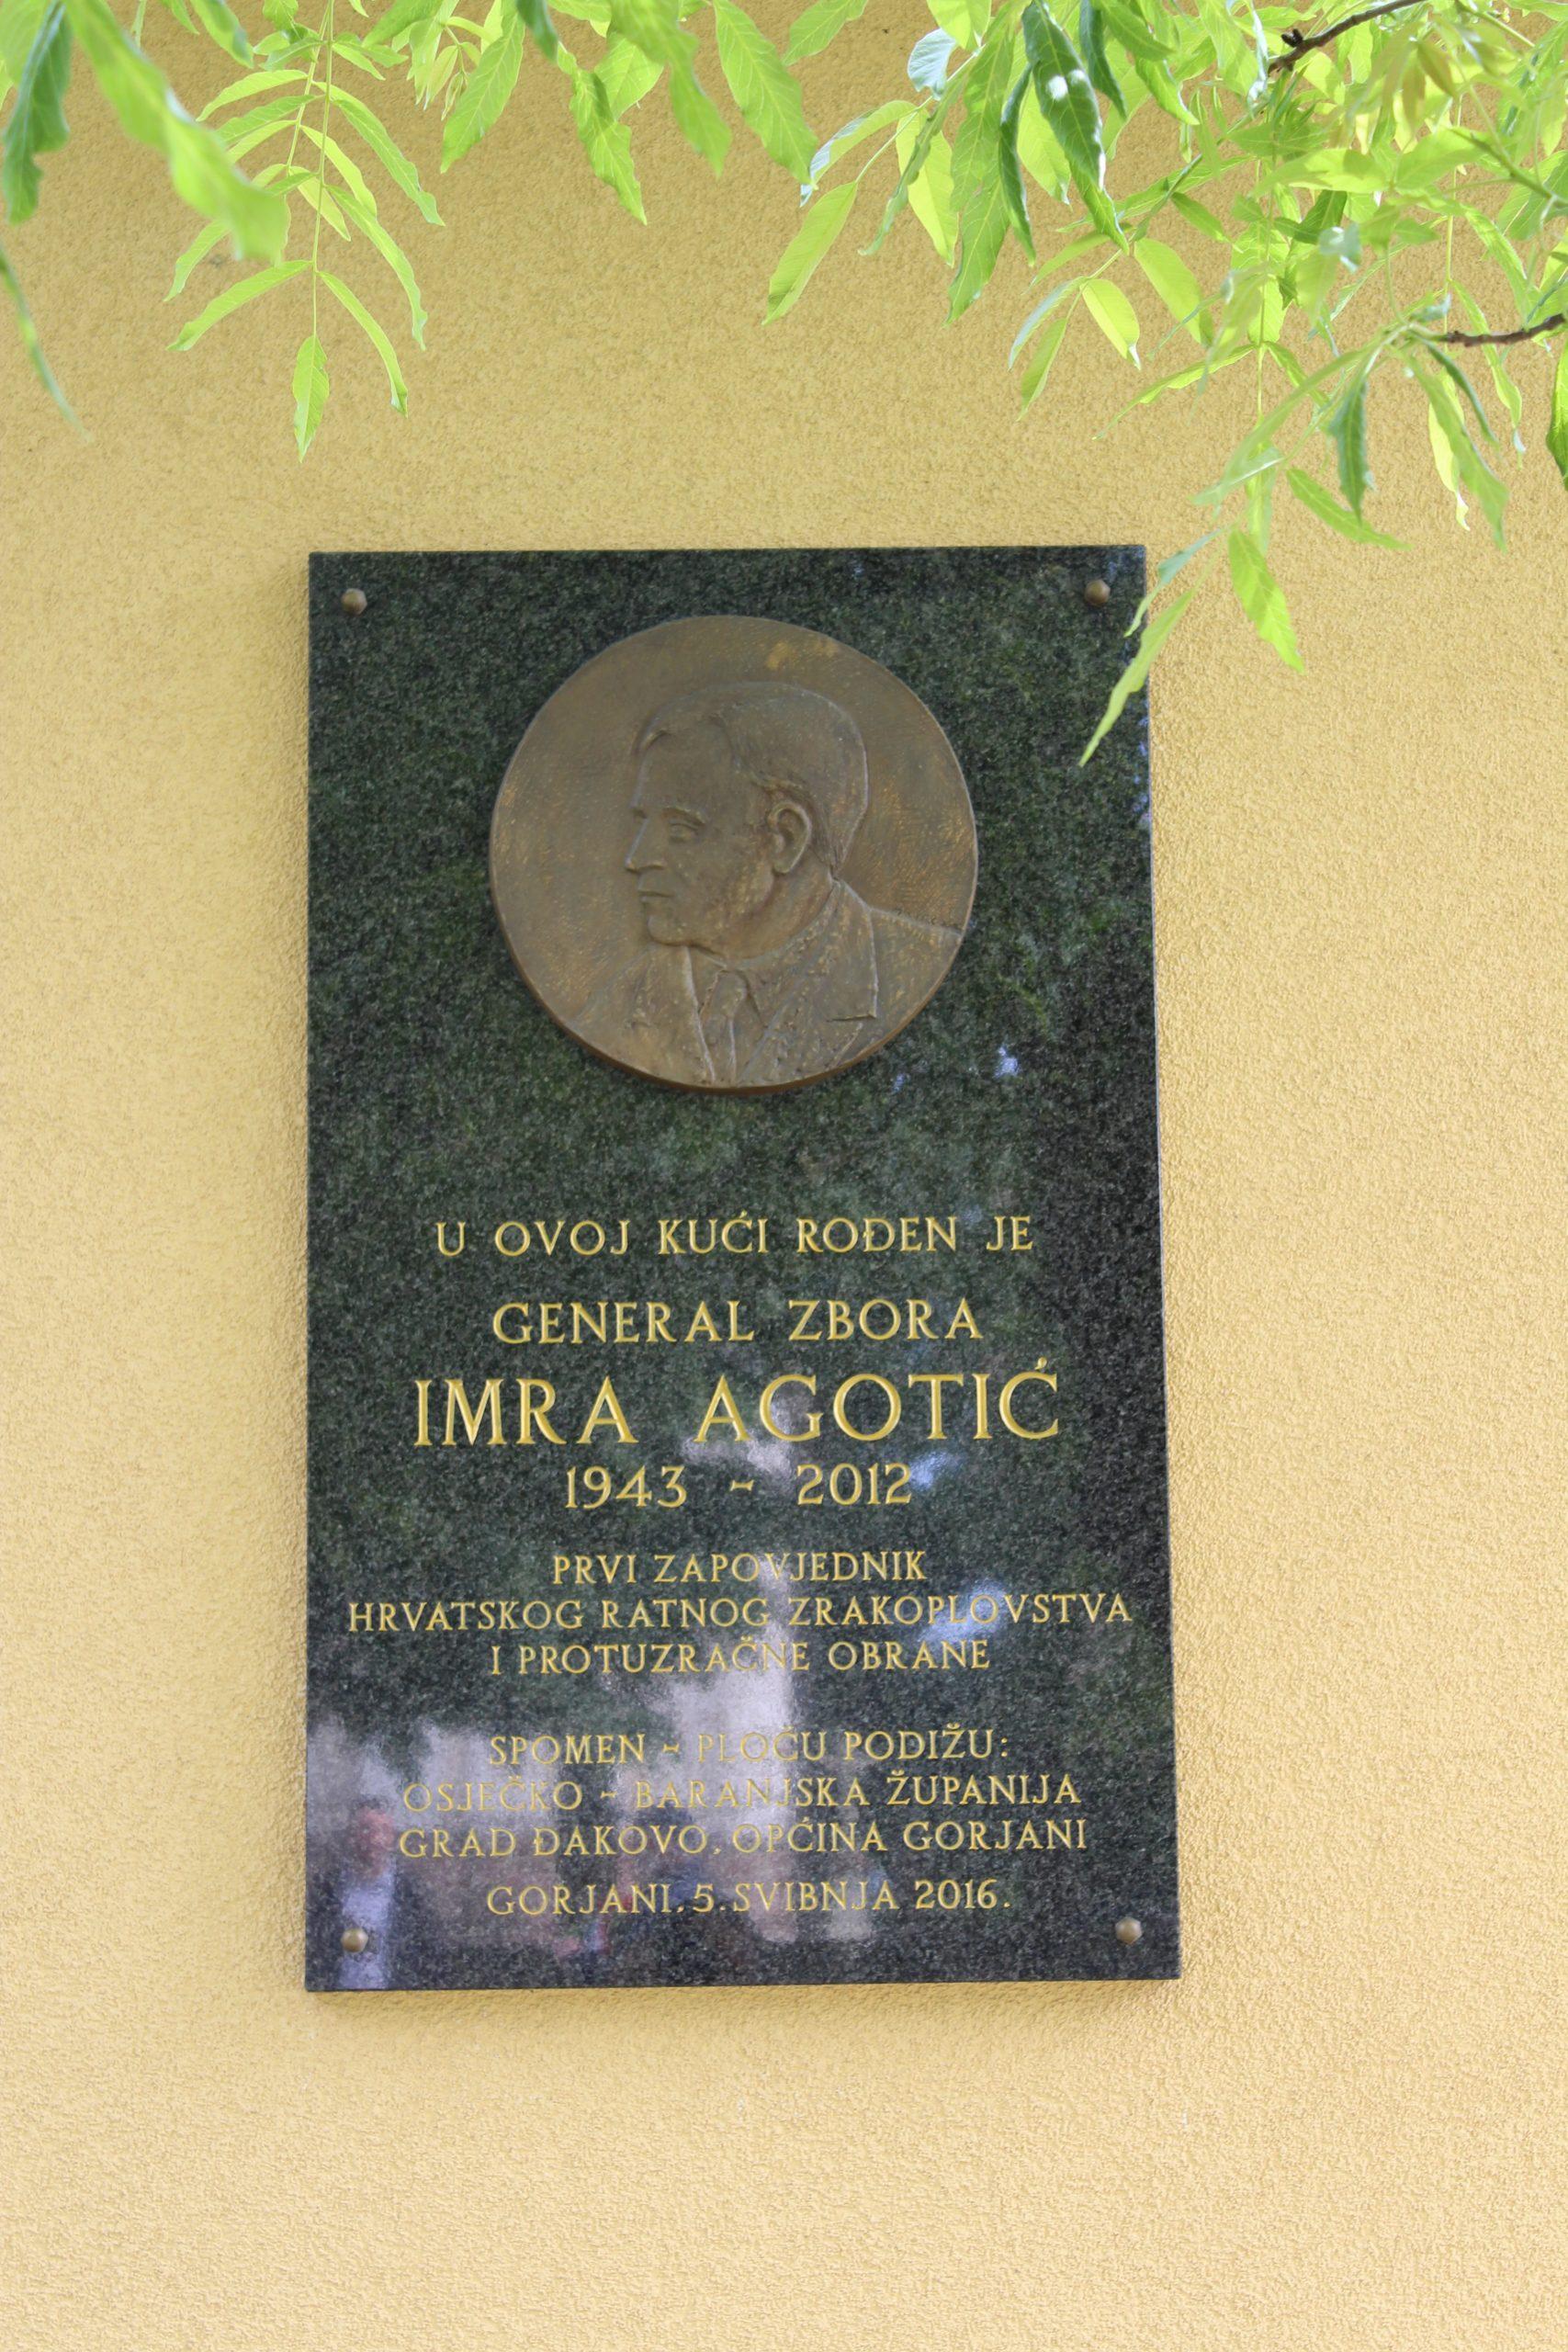 Sjećanje na generala Imru Agotića